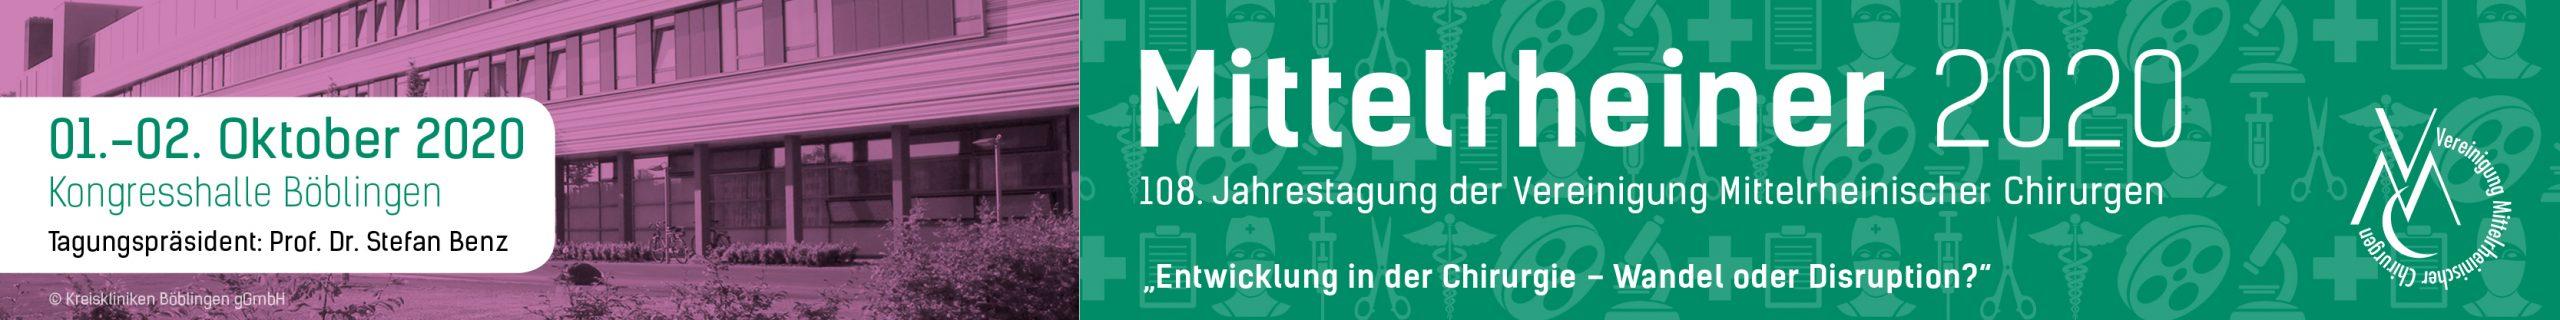 Mittelrheiner 2020